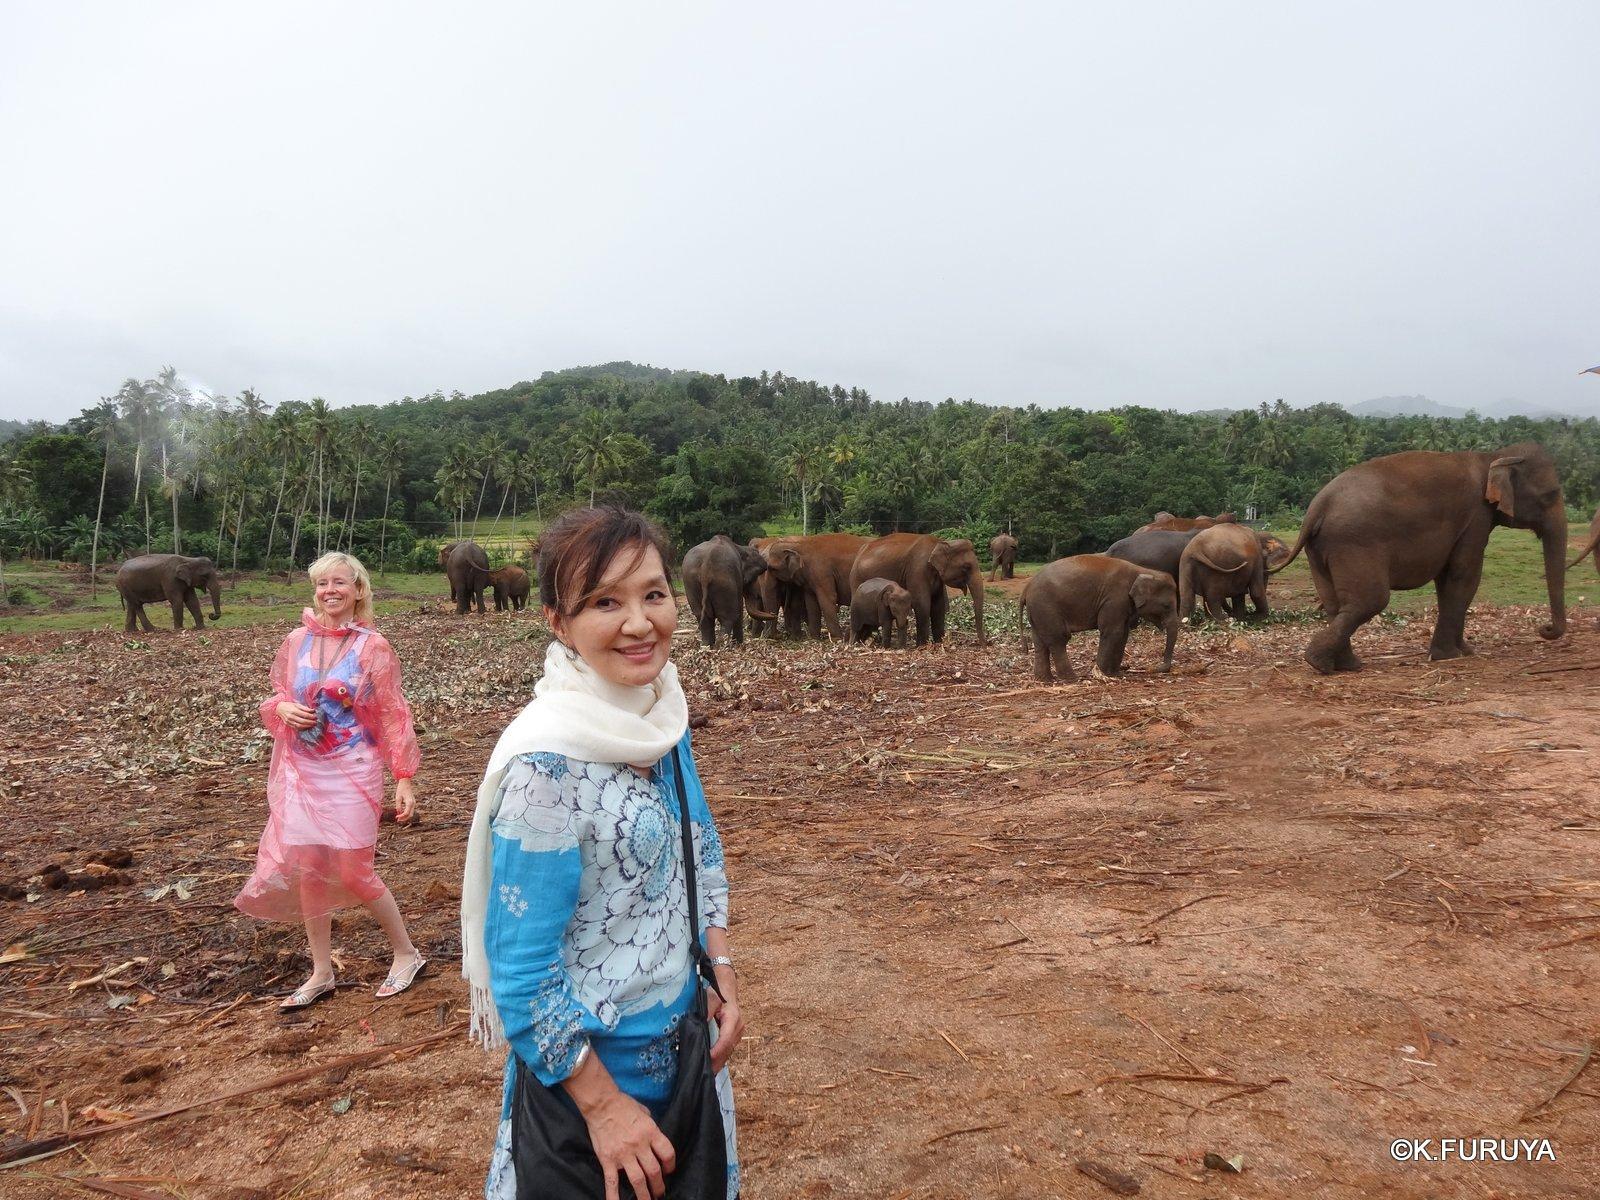 スリランカ旅行記 12 象の孤児院_a0092659_2183428.jpg